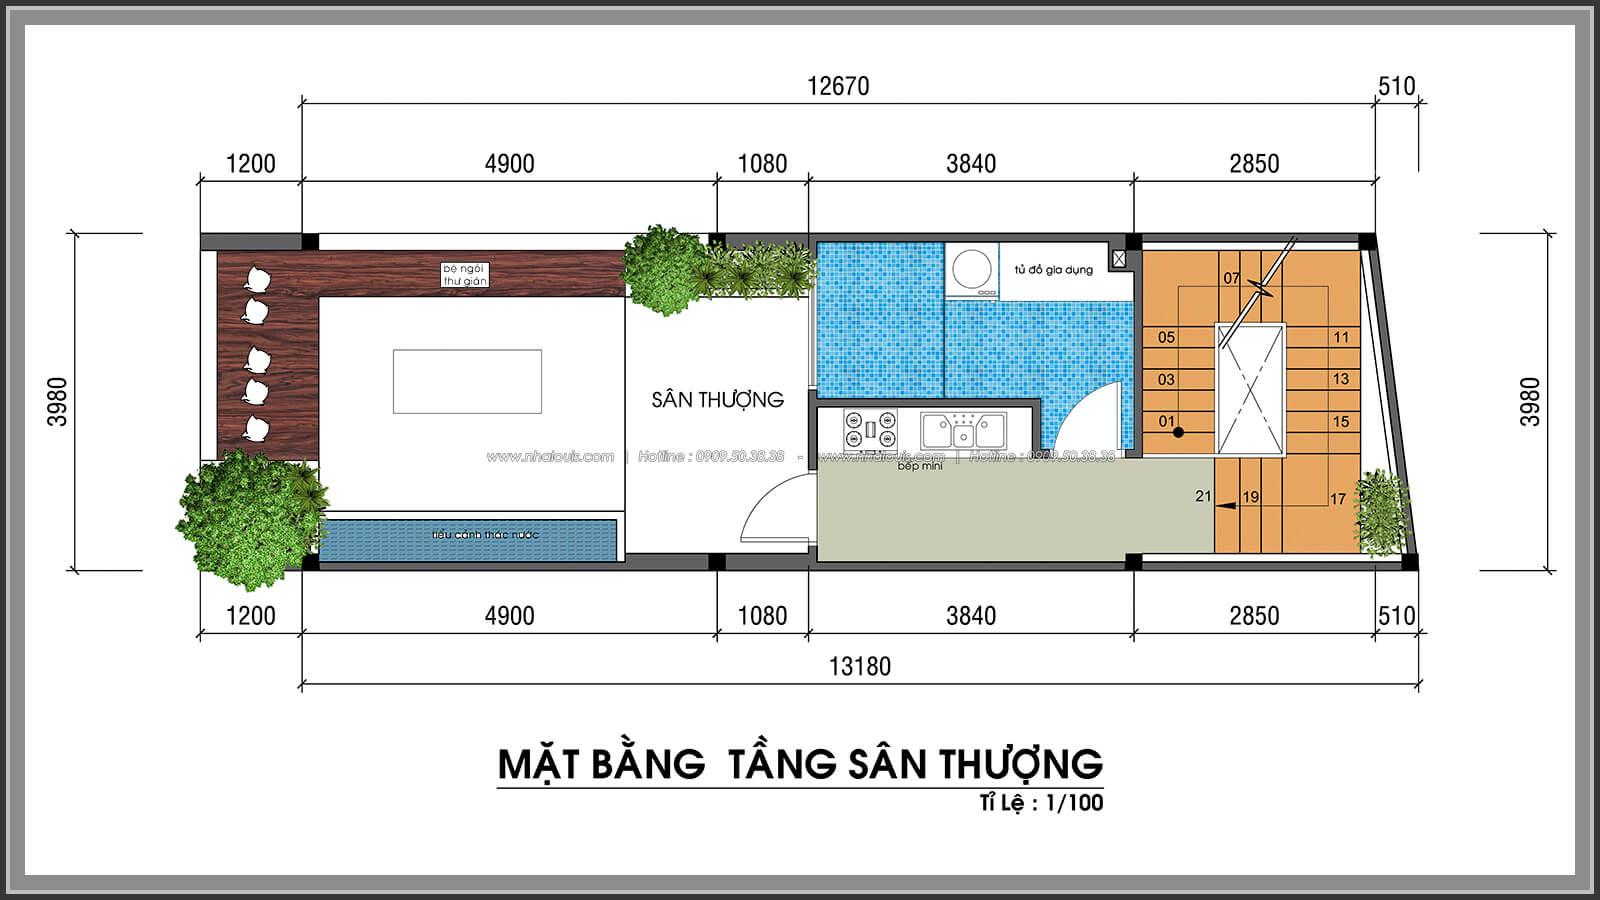 Mặt bằng sân thượng không gian xanh trong nhà tại Quận 7 - 53